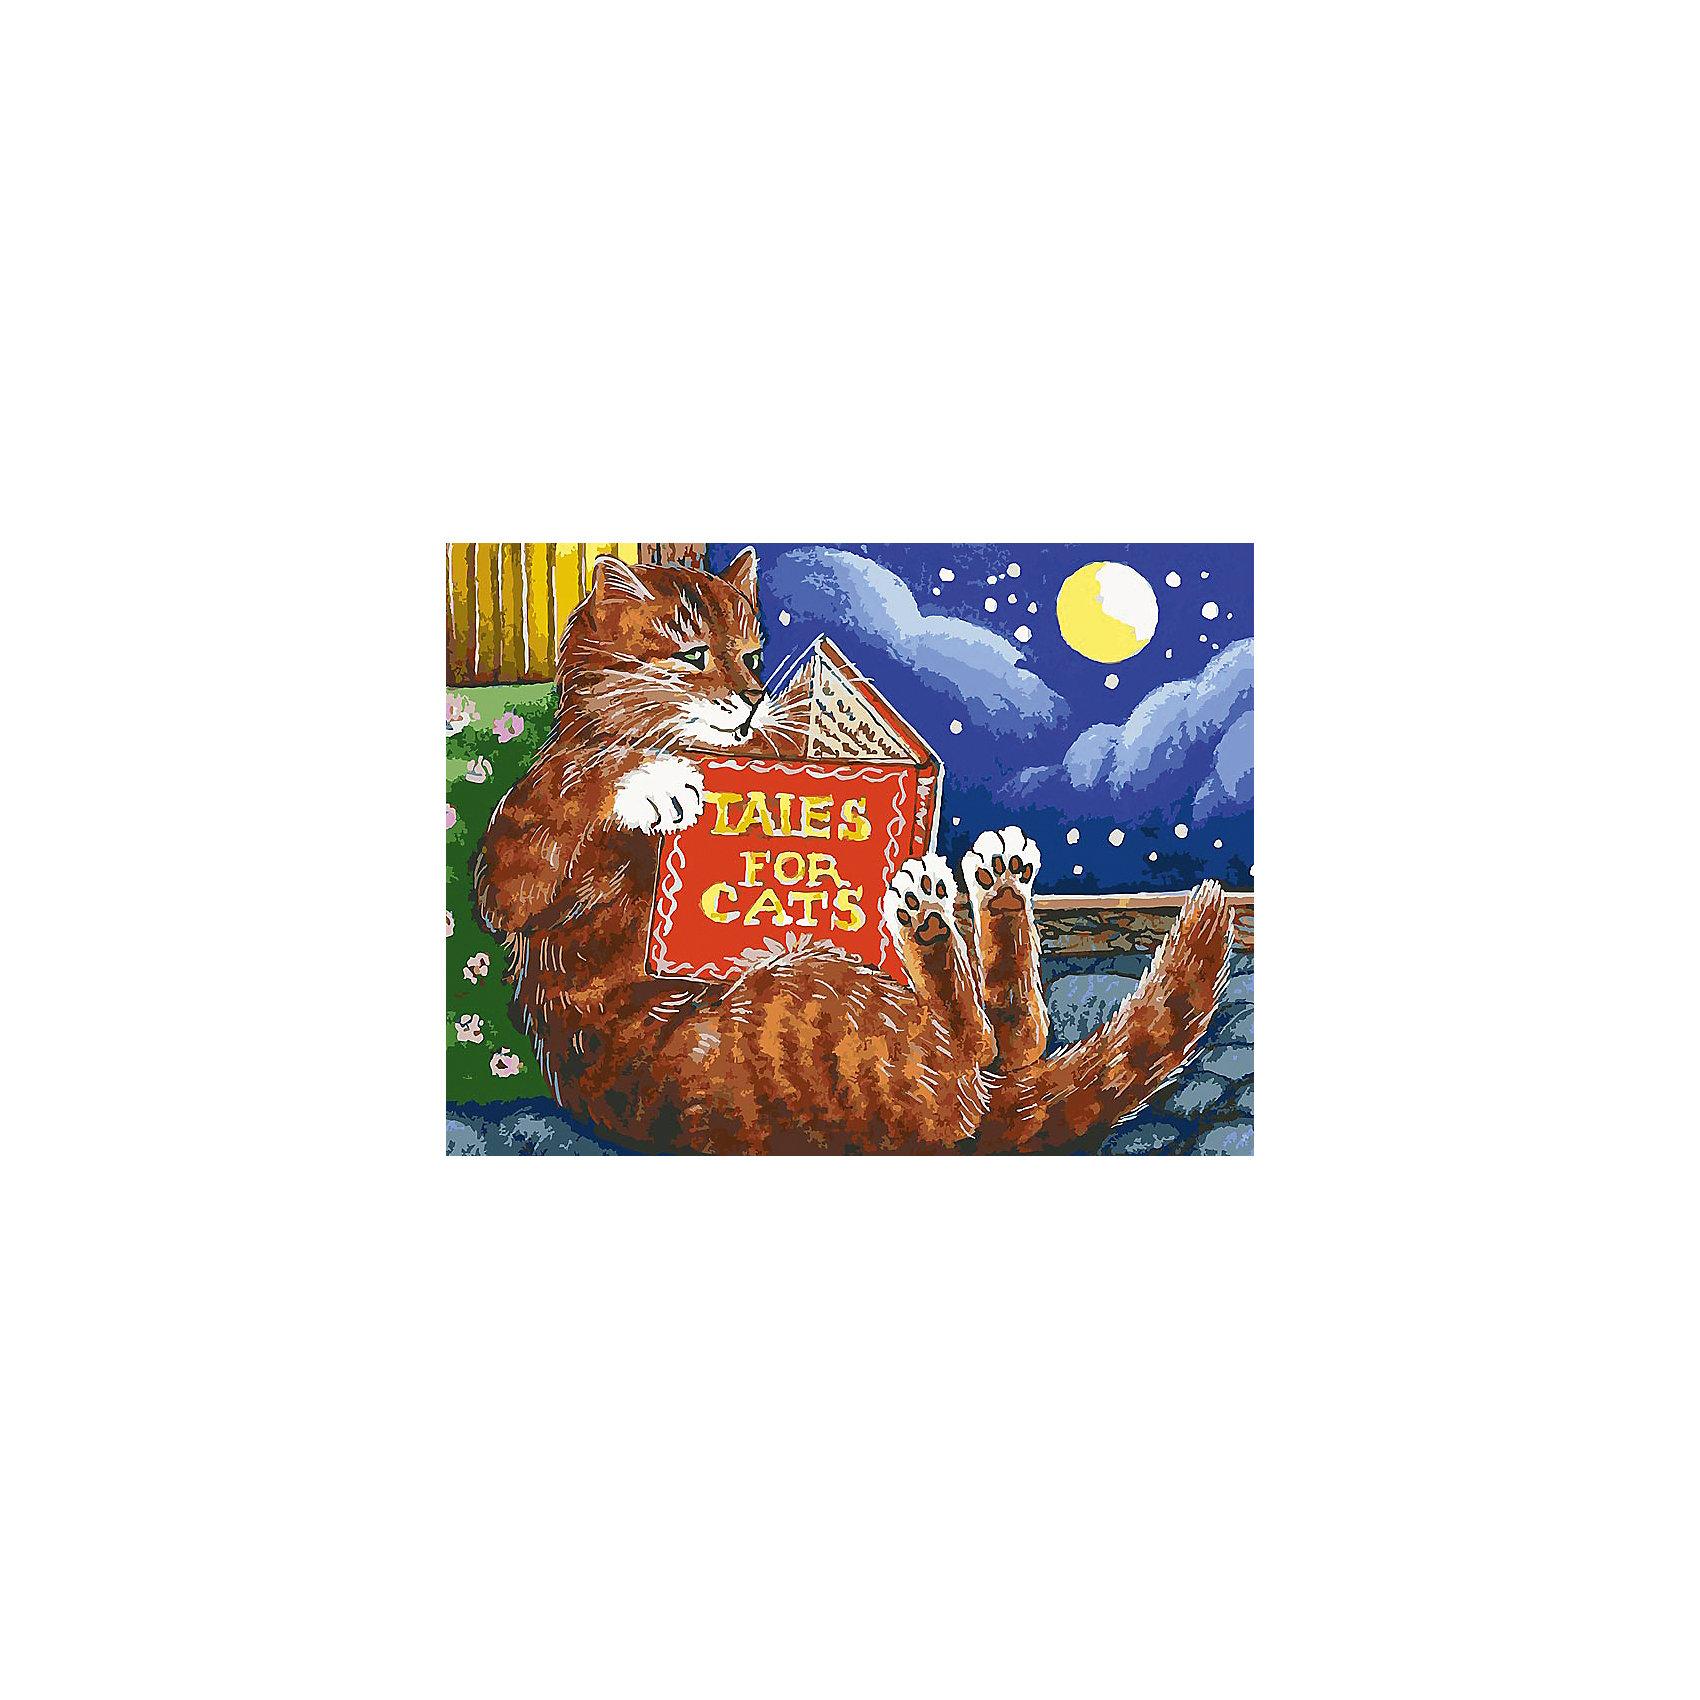 Живопись на холсте 30*40 см Сказки для котовХарактеристики:<br><br>• Предназначение: для занятий художественным творчеством<br>• Тематика: животные<br>• Пол: универсальный<br>• Материал: дерево, бумага, краски<br>• Цвет: коричневый, оранжевый, синий, желтый, зеленый, белый и др.<br>• Комплектация: холст на подрамнике, набор акриловых красок, 3 кисти, пробный лист с нанесенным рисунком, крепление для готовой картины, инструкция<br>• Размеры (Ш*Д): 30*40 см<br>• Вес: 580 г <br>• Упаковка: картонная коробка<br><br>Живопись на холсте 30*40 см Сказки для котов – это набор от торговой марки Белоснежка, специализирующейся на товарах для творчества и рукоделия. Комплект для живописи состоит из черно-белого холста на подрамнике из дерева, набора необходимых акриловых красок, трех кистей разного размера и пробного листа. На холст и пробный лист нанесен рисунок с указанием номера соответствующей цвету краски. Акриловые краски хорошо ложатся на холст, не растекаются и не смешиваются, что делает их идеальными для начинающих художников. Все материалы, используемые в наборе, экологичные и натуральные. Готовые наборы научат вашего ребенка сочетать цвета и оттенки, действовать по заданному образцу, будут способствовать развитию внимательности, усидчивости и зрительному восприятию. <br>Занятия художественным творчеством являются не только средством творческого и эстетического развития, но также воспитания и коррекции эмоциональных комплексов у детей. <br><br>С наборами живописи на холсте от Белоснежки можно создать свою галерею картин или подготовить подарок родным и близким к празднованию торжества.<br><br>Живопись на холсте 30*40 см Сказки для котов можно купить в нашем интернет-магазине.<br><br>Ширина мм: 410<br>Глубина мм: 310<br>Высота мм: 25<br>Вес г: 567<br>Возраст от месяцев: 72<br>Возраст до месяцев: 144<br>Пол: Унисекс<br>Возраст: Детский<br>SKU: 5089672